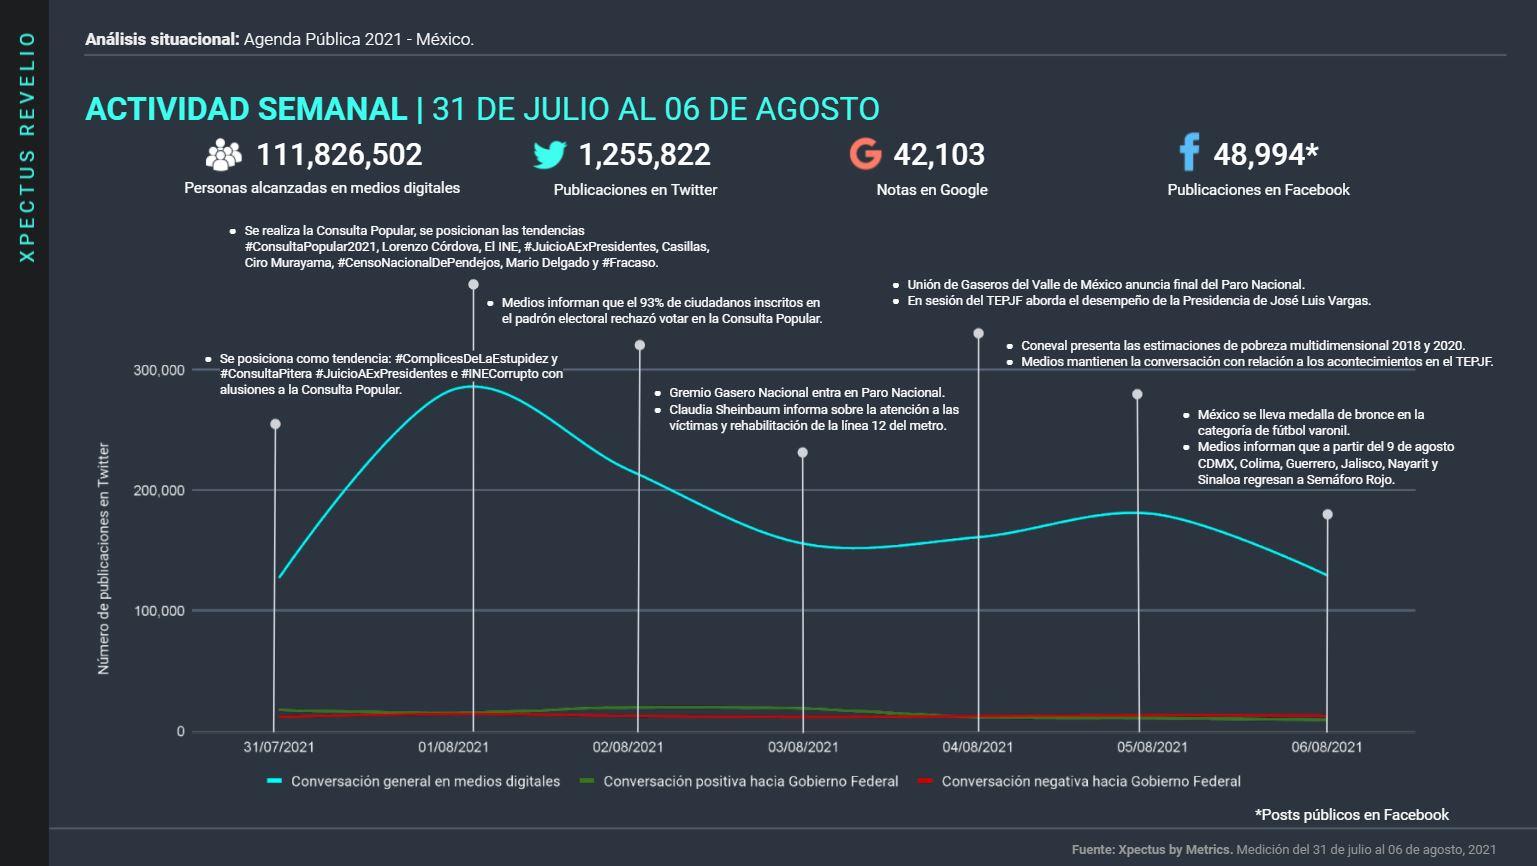 Metrics - Arturo Zaldívar, Consulta popular, Gas Bienestar, Gas natural, Manejo de Crisis, Tribunal electoral